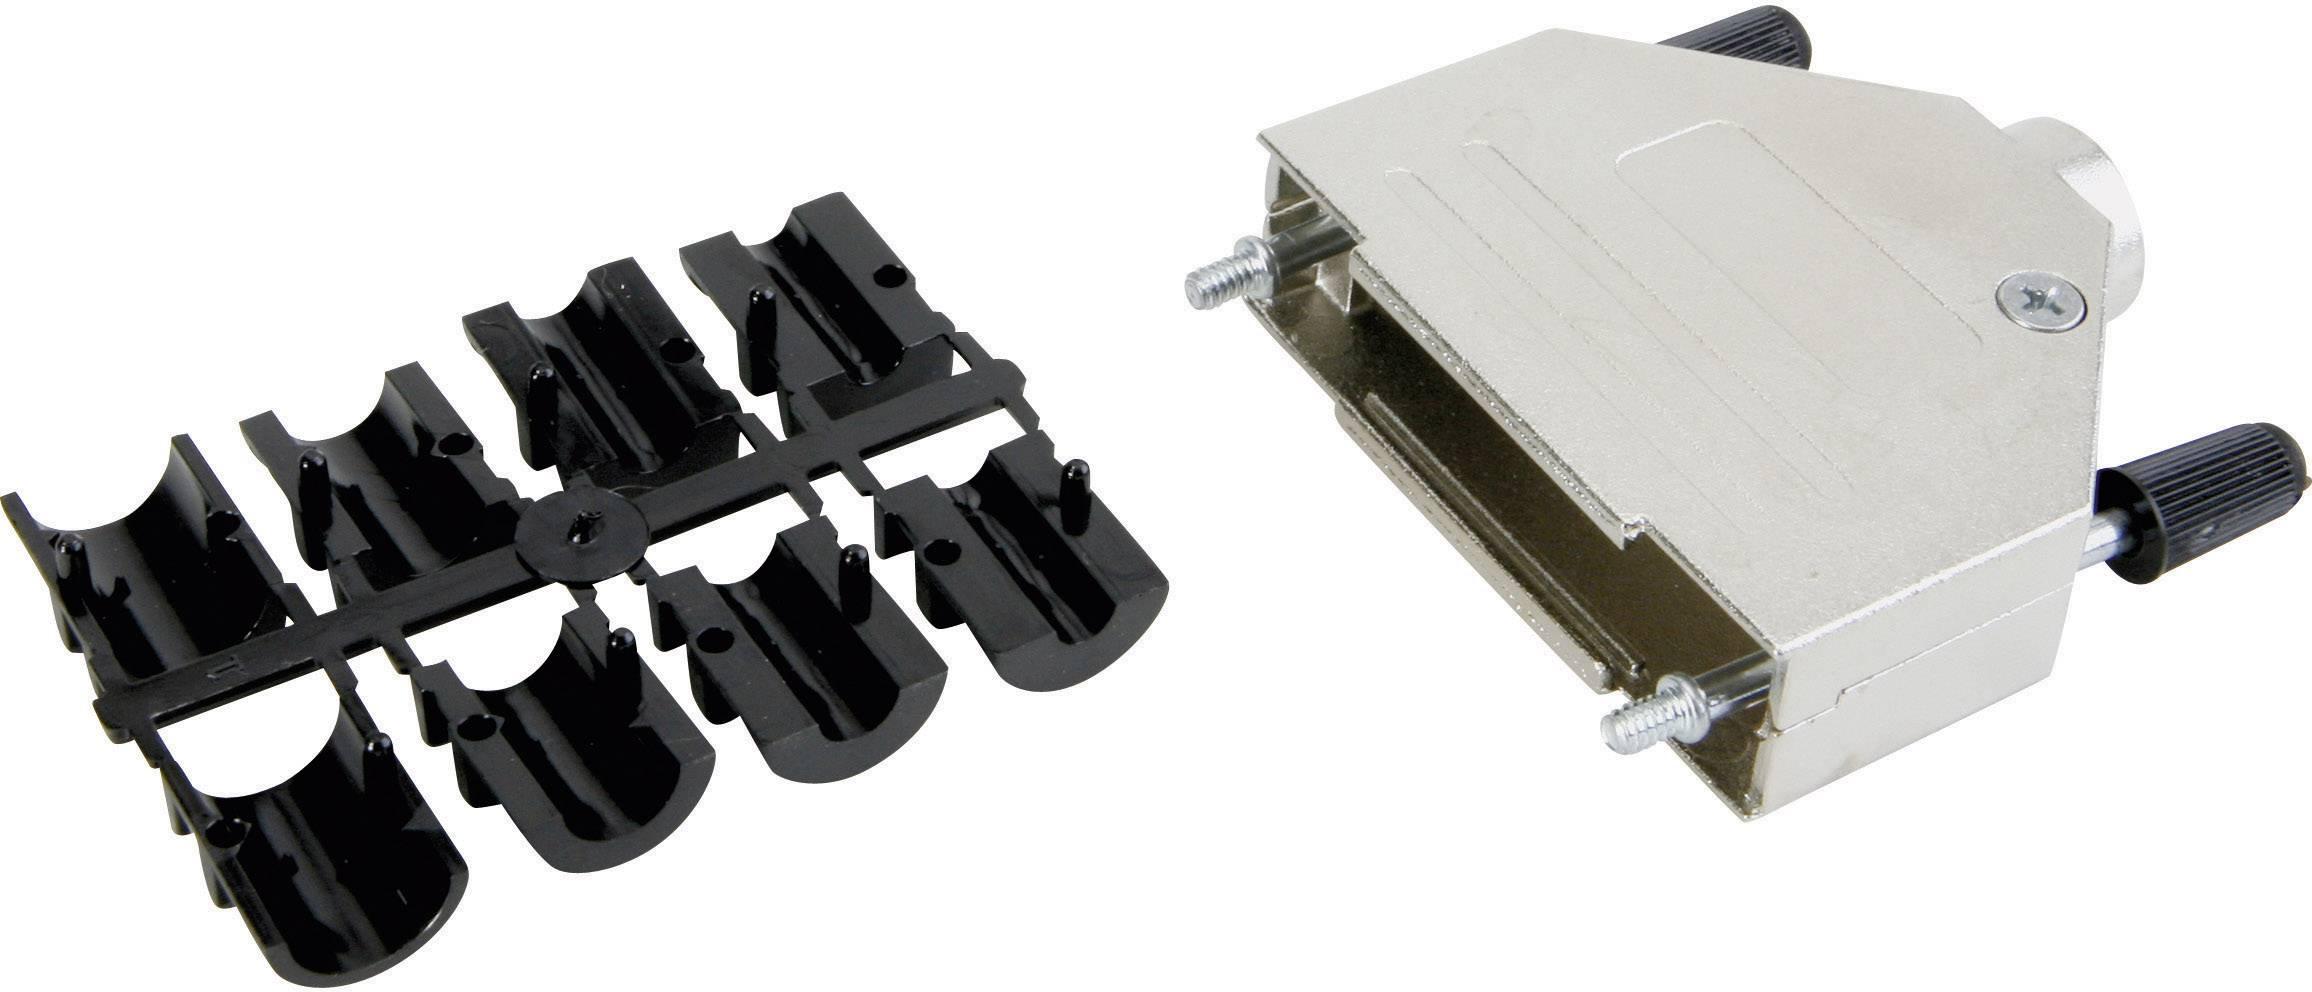 D-SUB púzdro Conec 165X02699XE 165X02699XE, Počet pinov: 15, kov, 45 °, strieborná, 1 ks